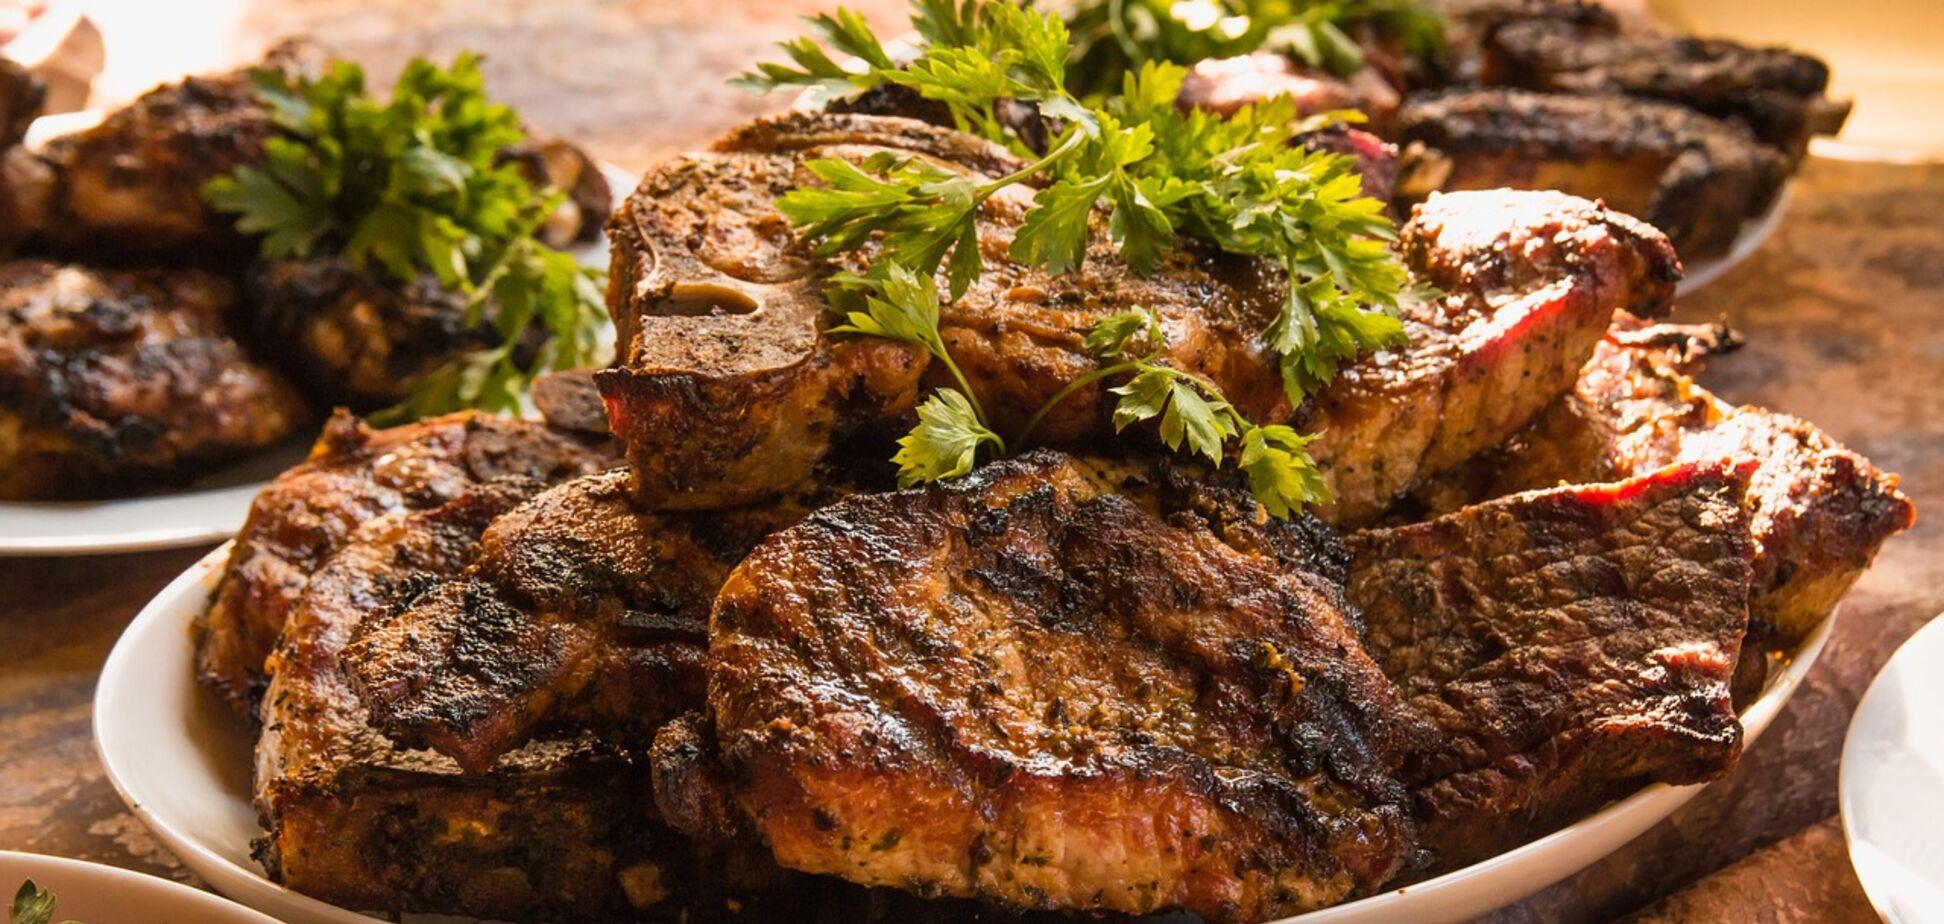 Маринад для шашлыка: топ-3 рецепта для пикника